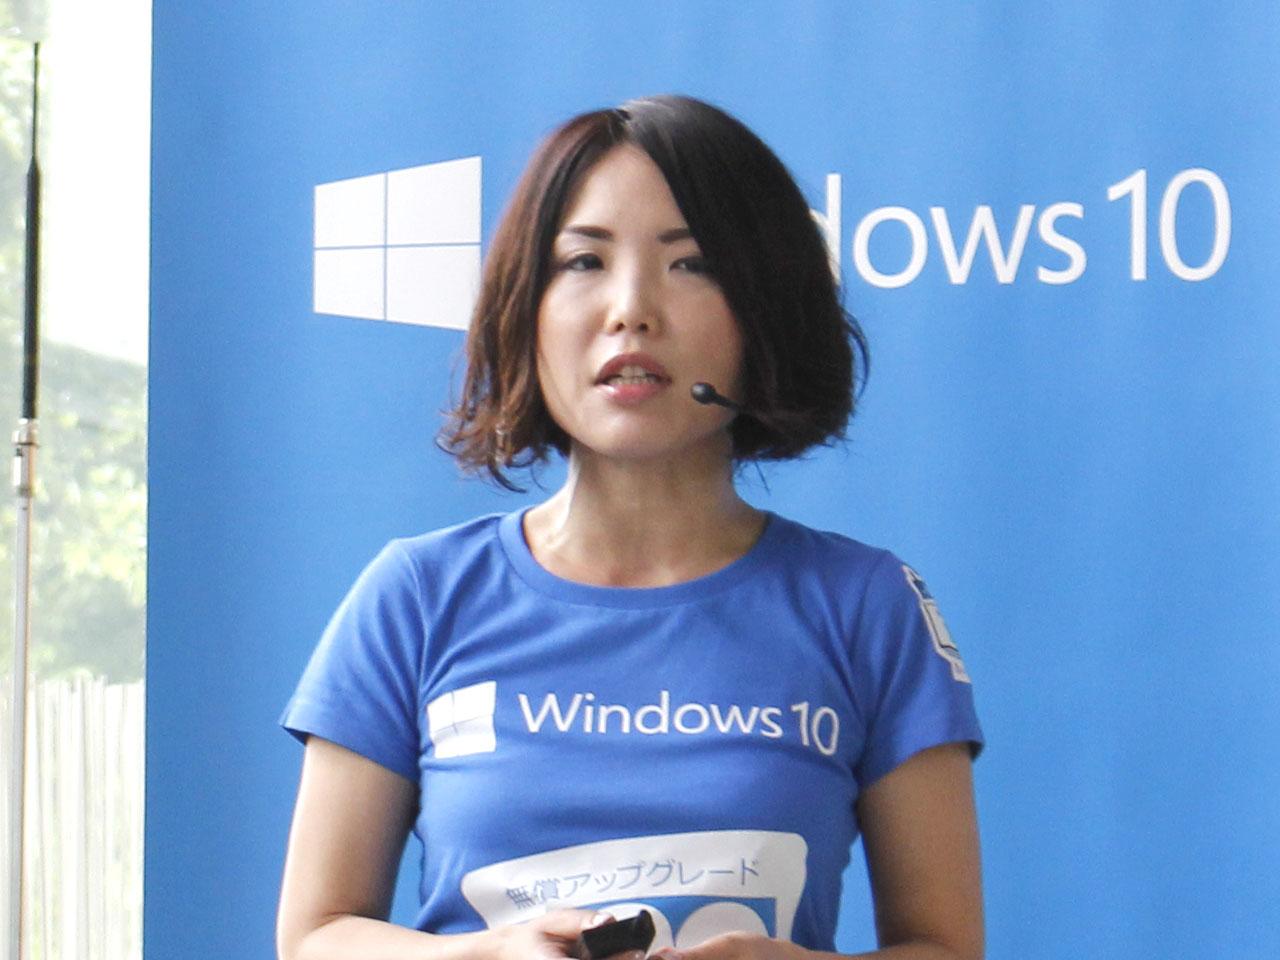 日本マイクロソフト株式会社業務執行役員Windows&デバイス本部長の三上智子氏